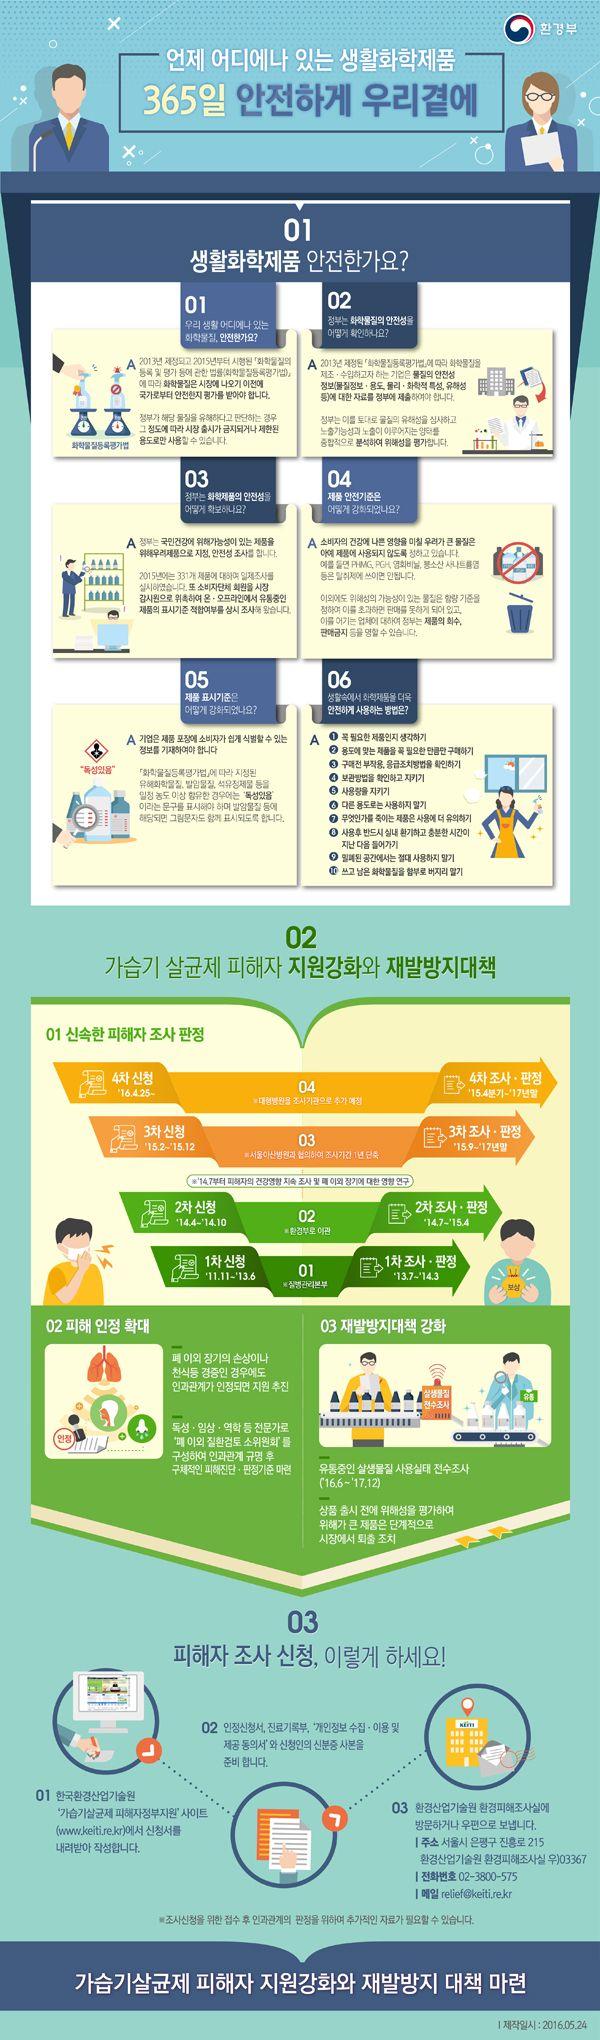 생활화학제품 안전에 관한 인포그래픽